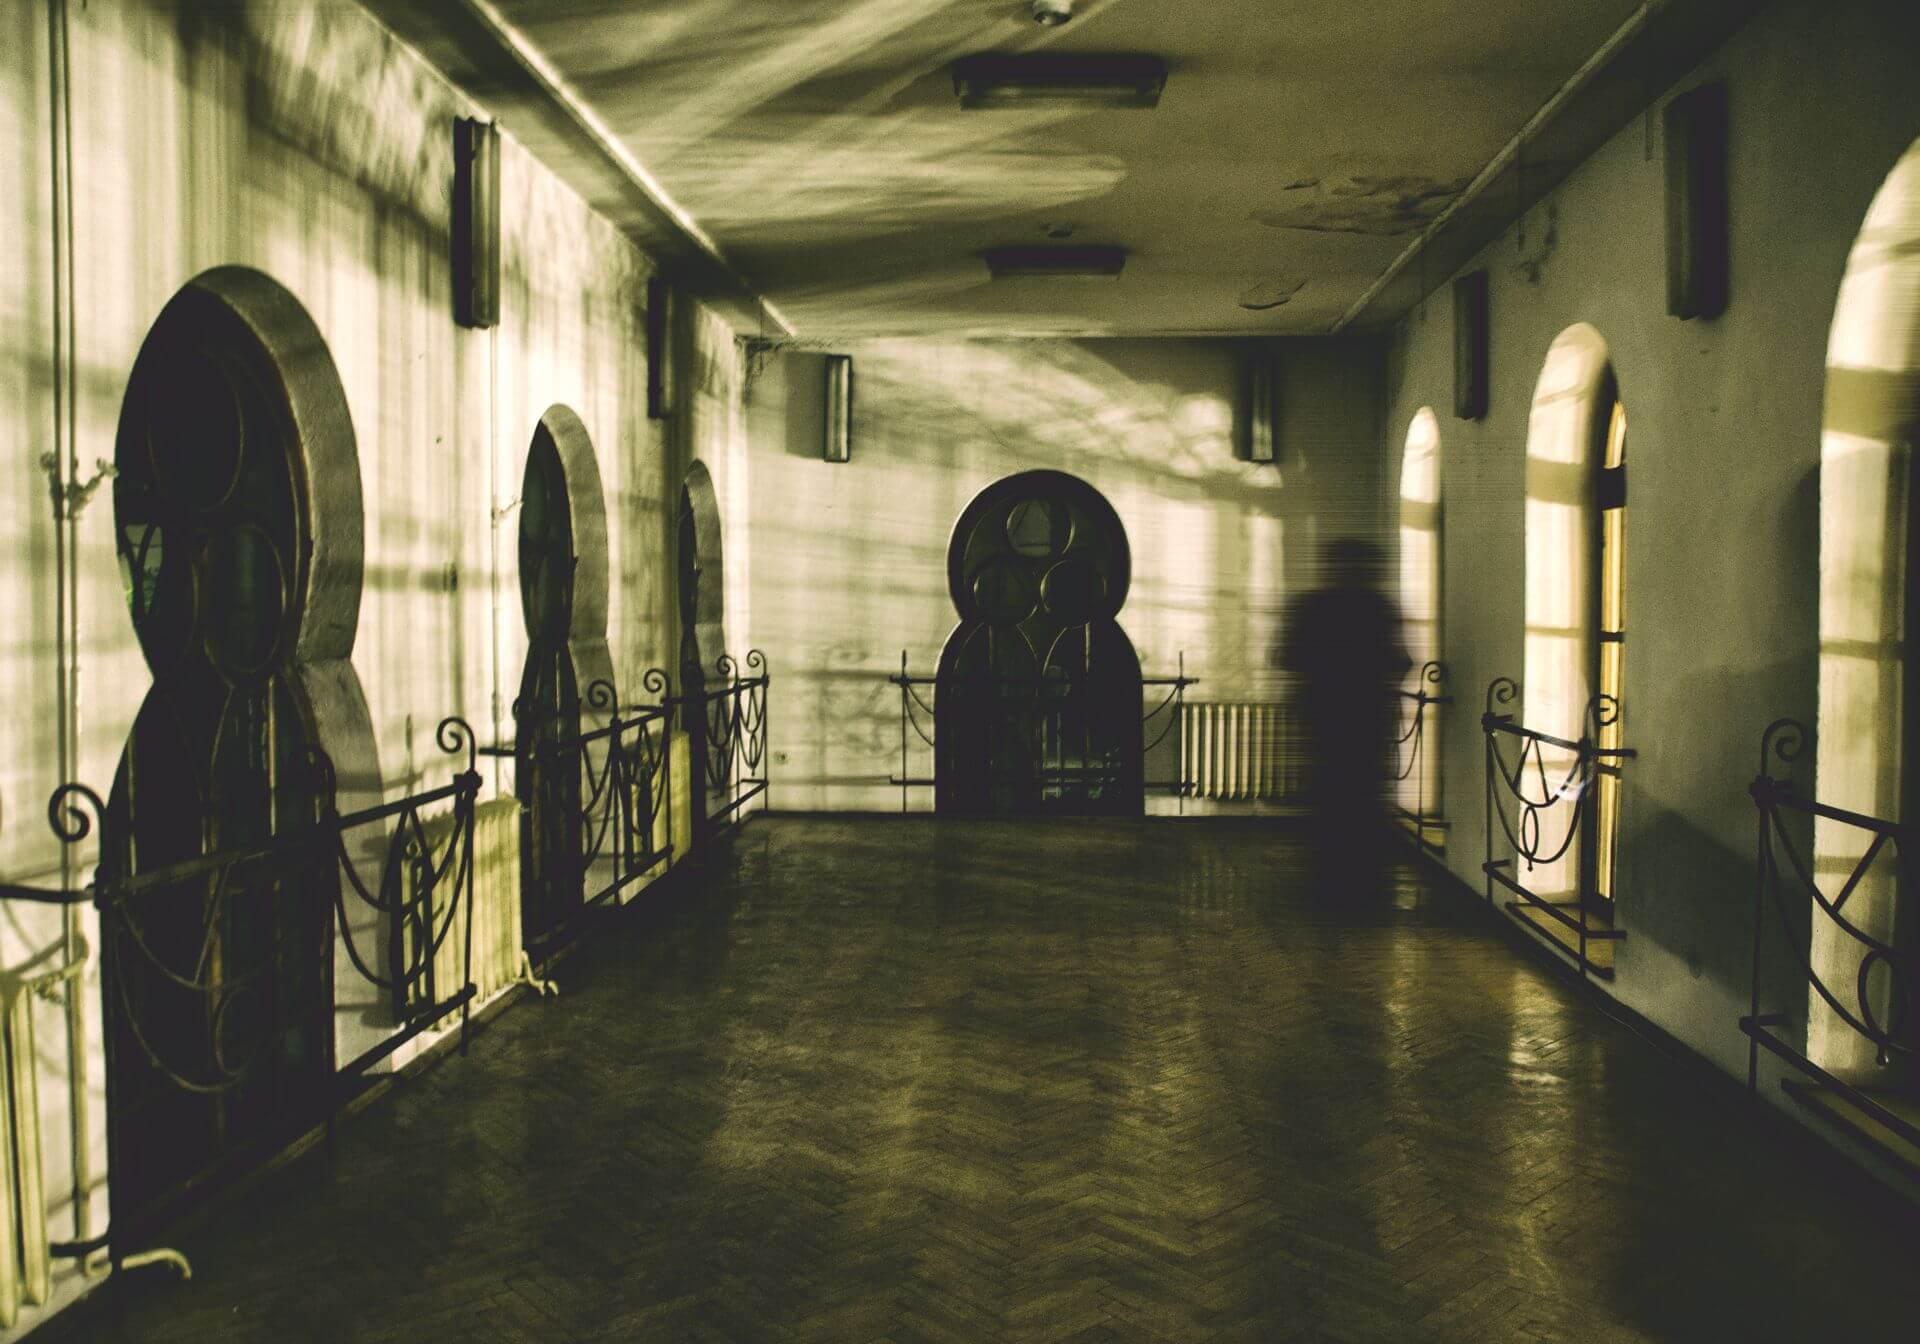 Zdjęcie wnętrza synagogi wykonane przez Dorotę Ostrą.